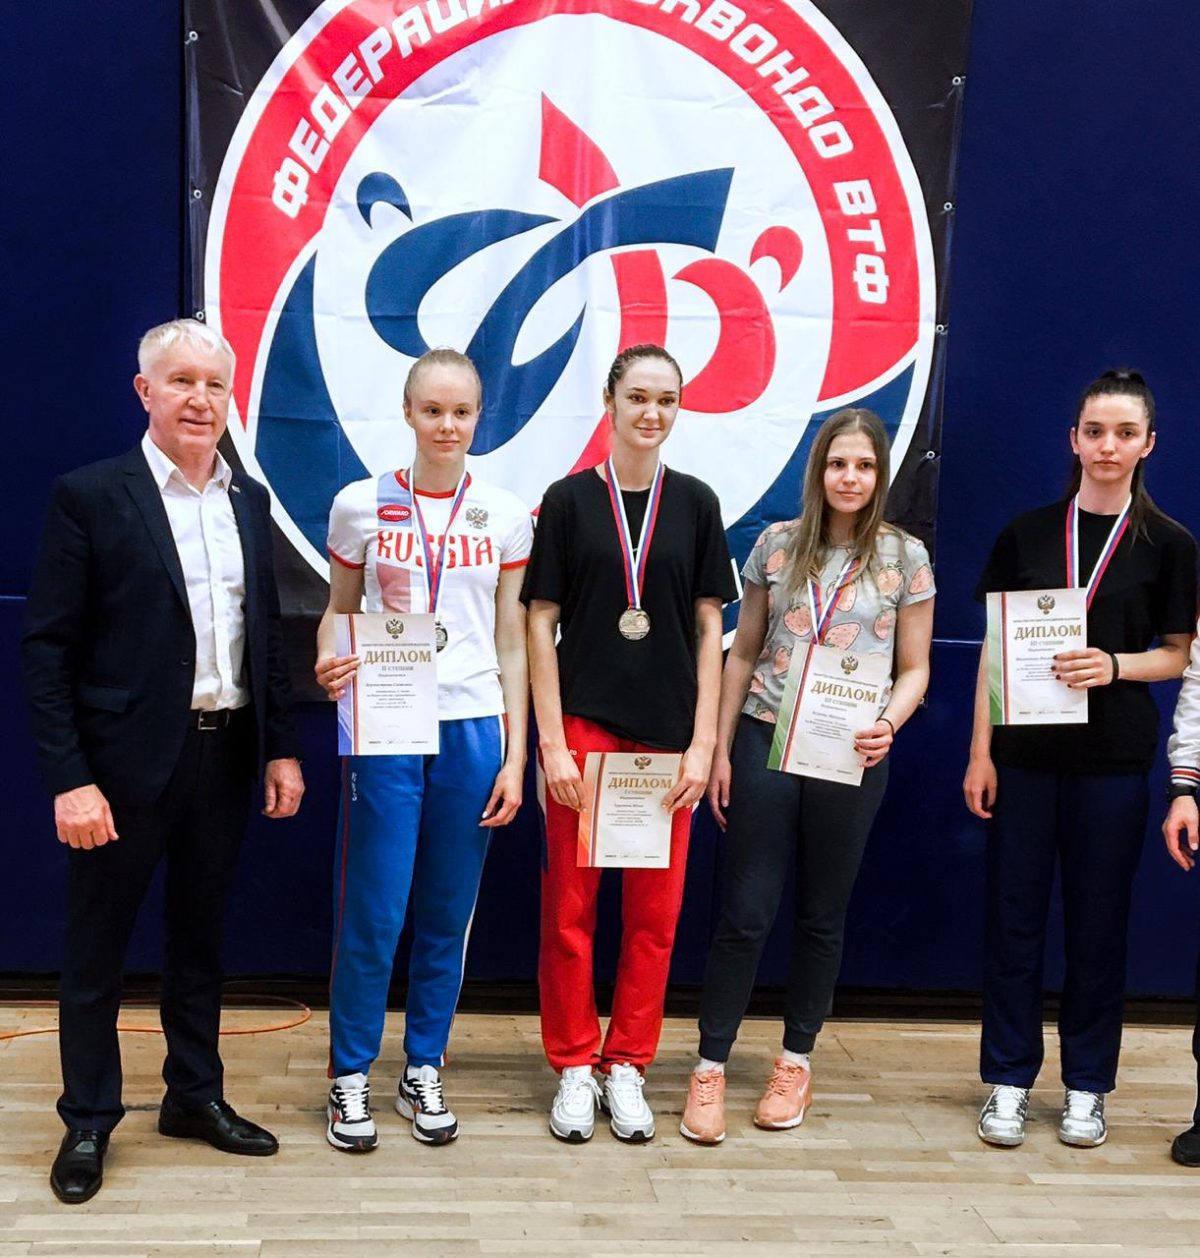 Рязанцы завоевали две серебряные медали на Всероссийских соревнованиях среди студентов